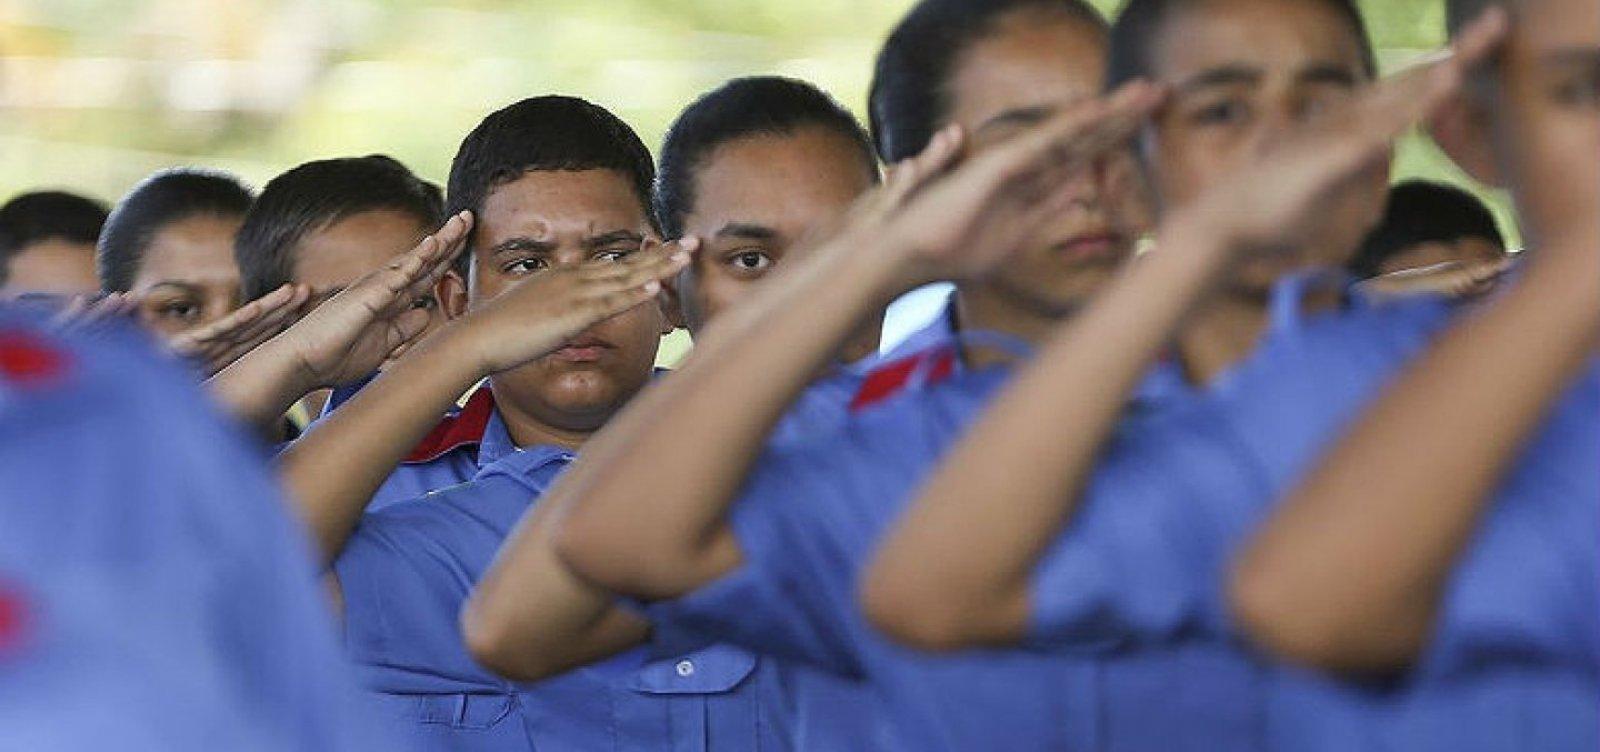 [Primeira escola cívico-militar da Bahia será em Feira e começa a funcionar neste ano]